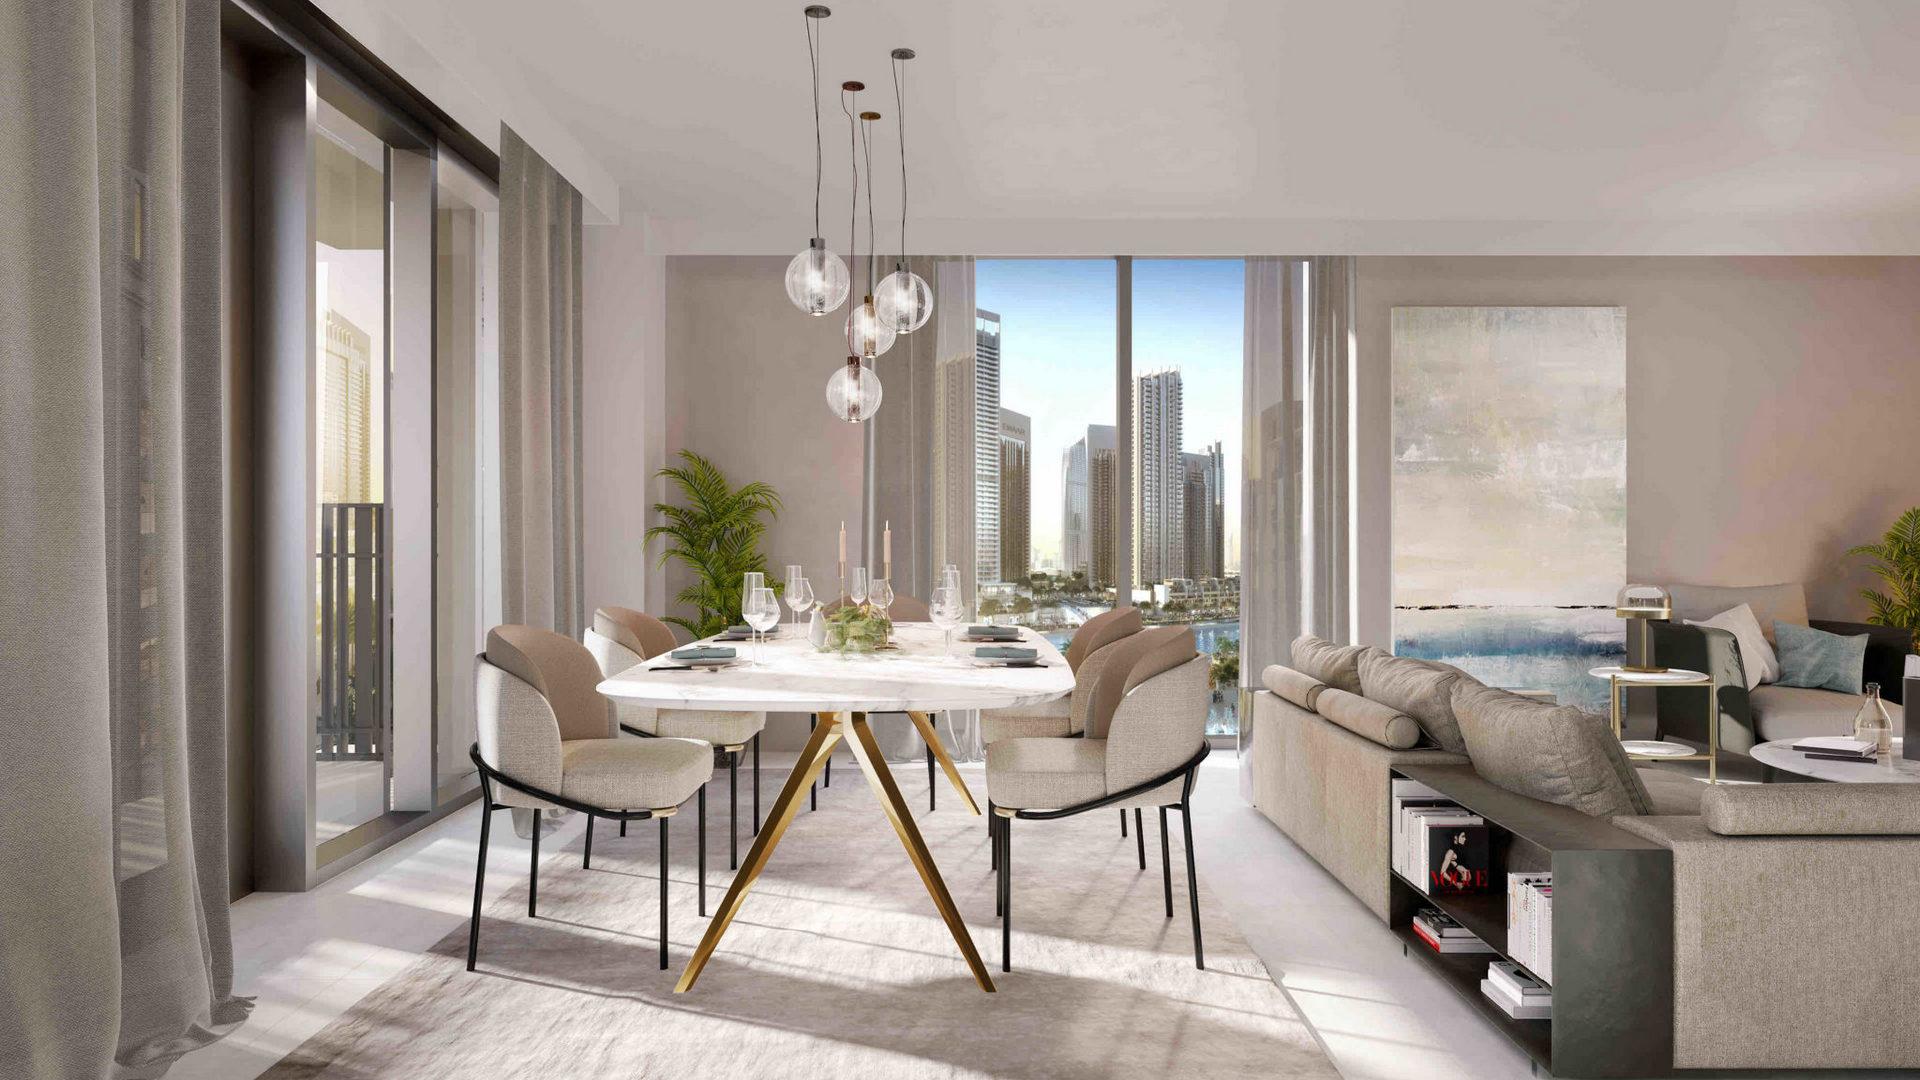 Apartamento en venta en Dubai, EAU, 3 dormitorios, 142 m2, № 24592 – foto 1